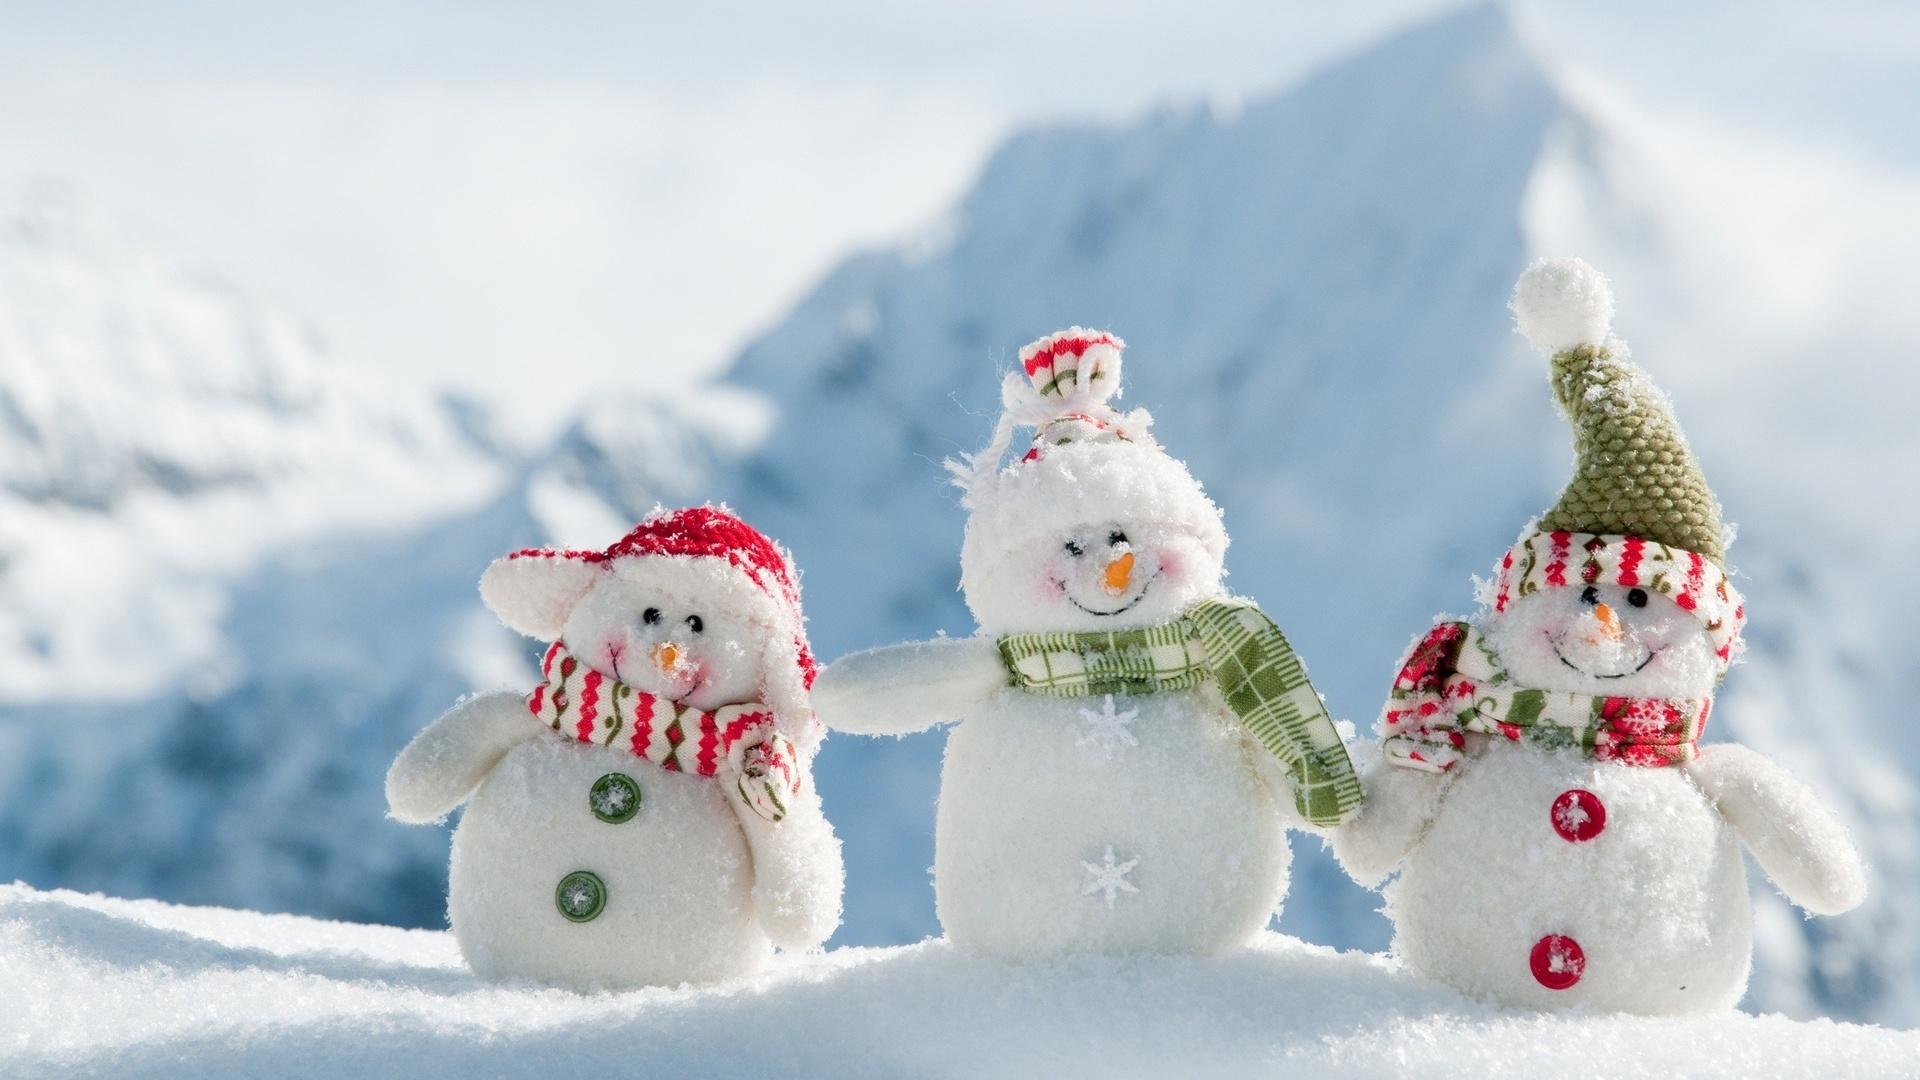 Красивые картинки прикольные про зиму